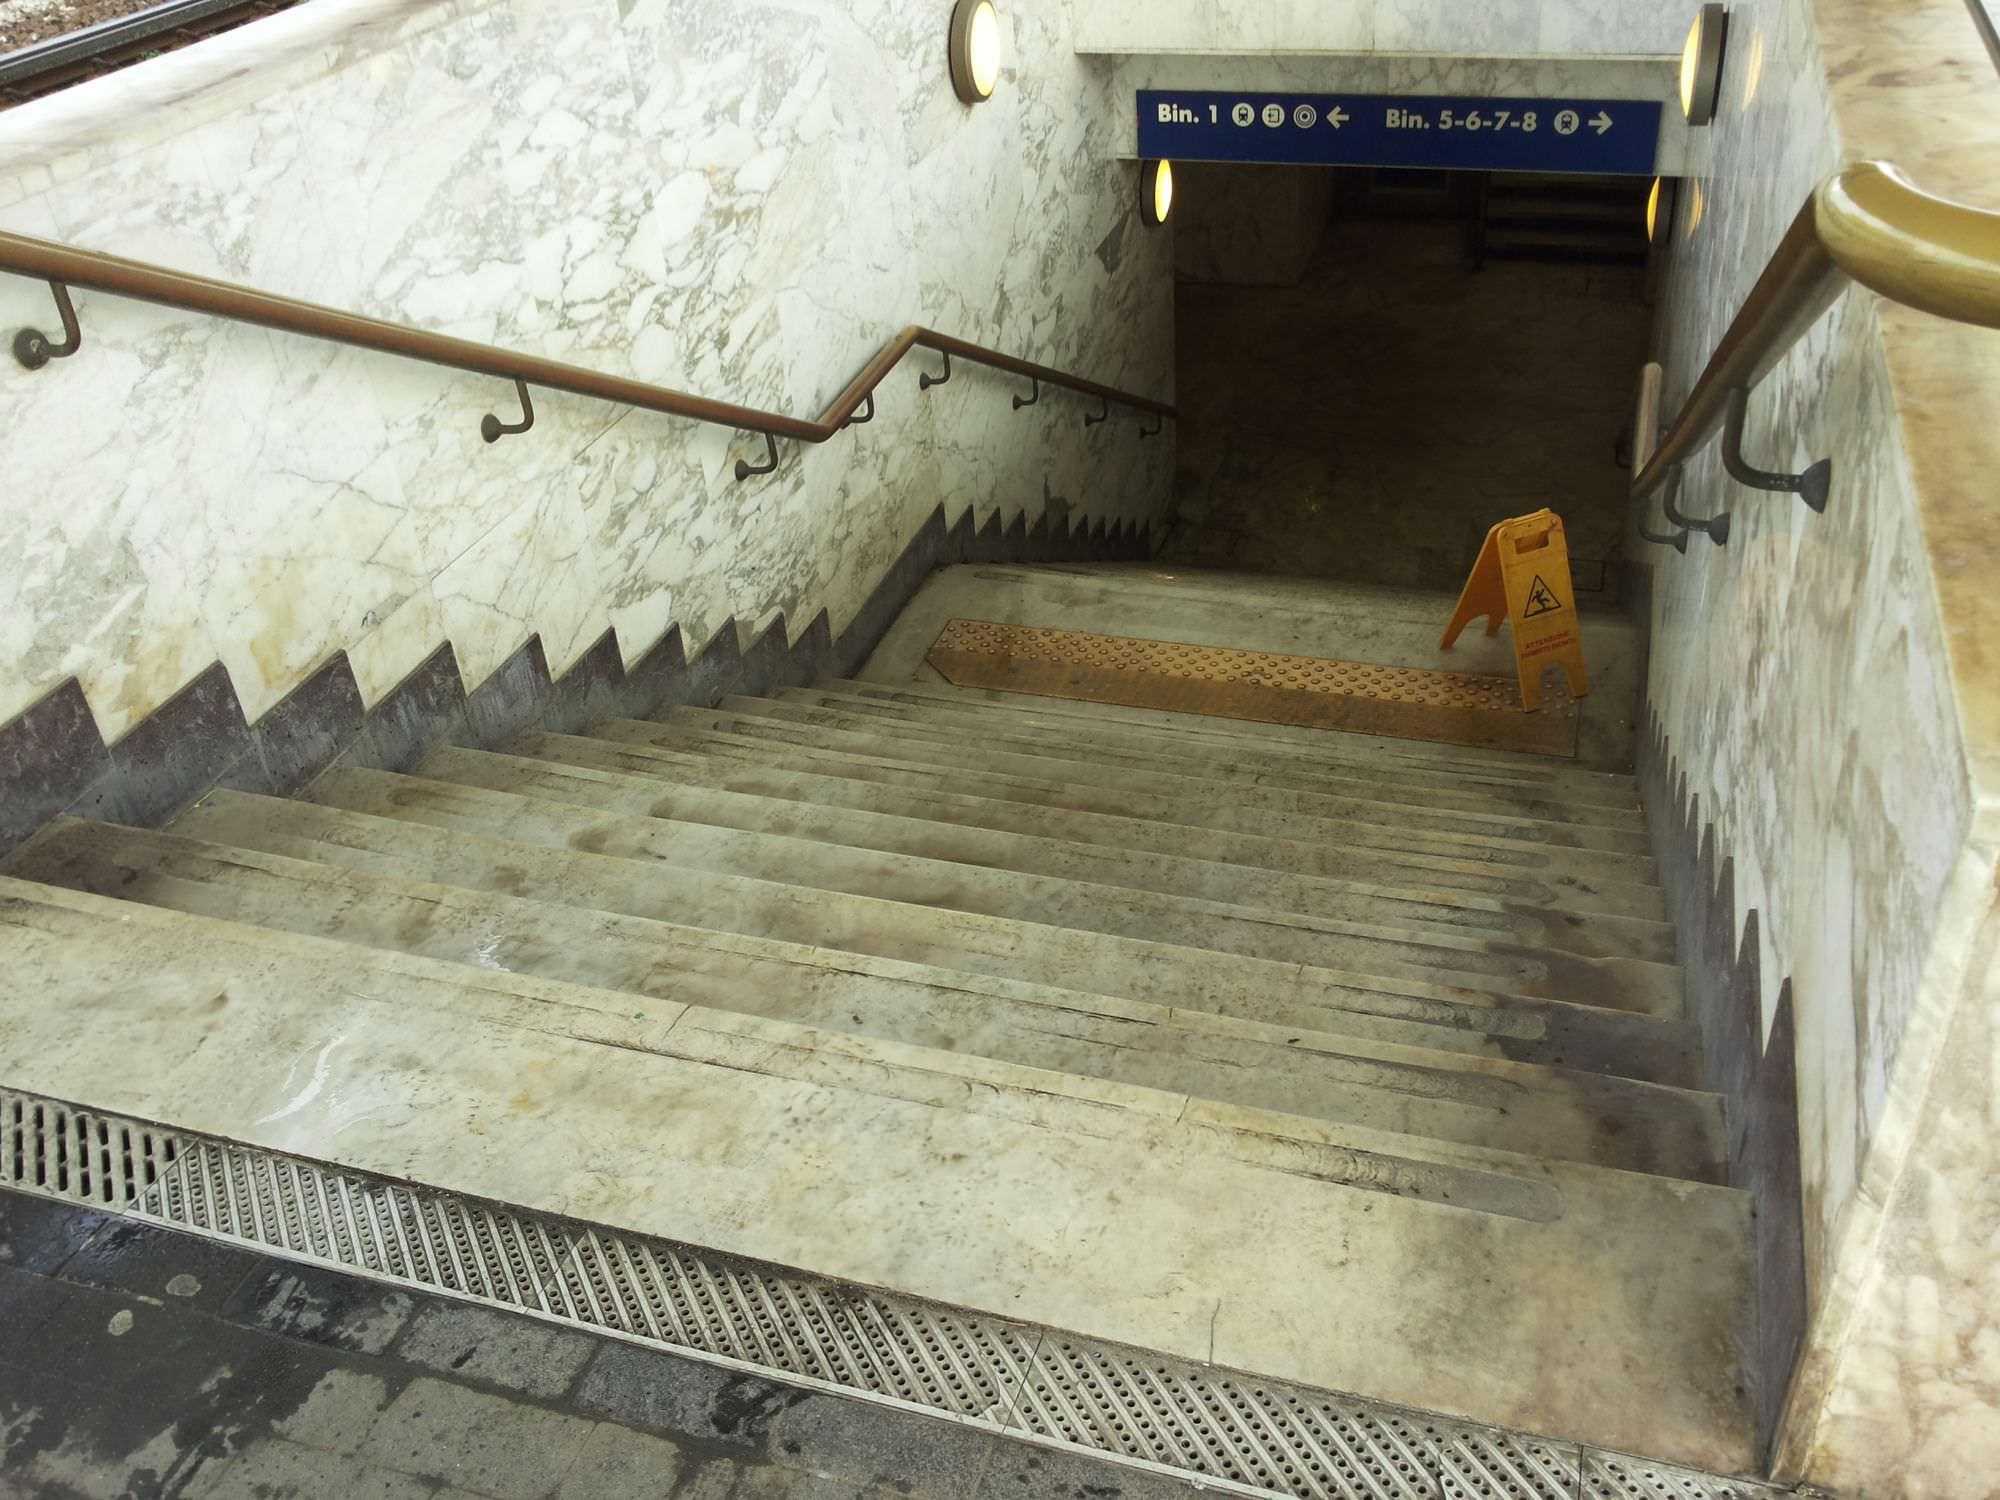 La stazione ferroviaria di Viareggio abbandonata all'incuria (foto)